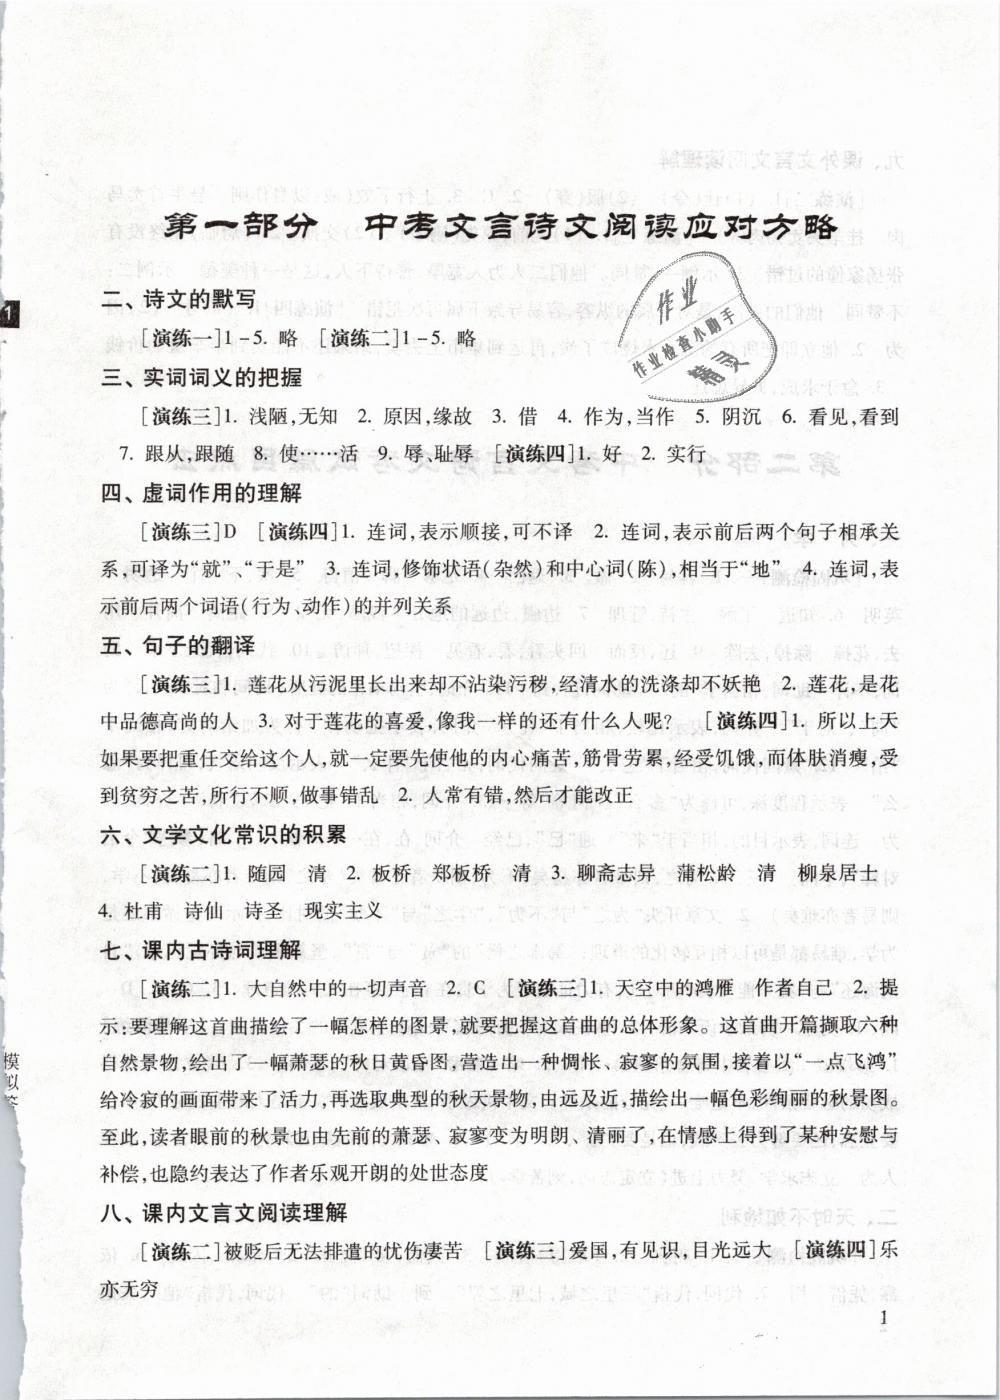 2019年中考文言诗文考试篇目点击沪教版第1页